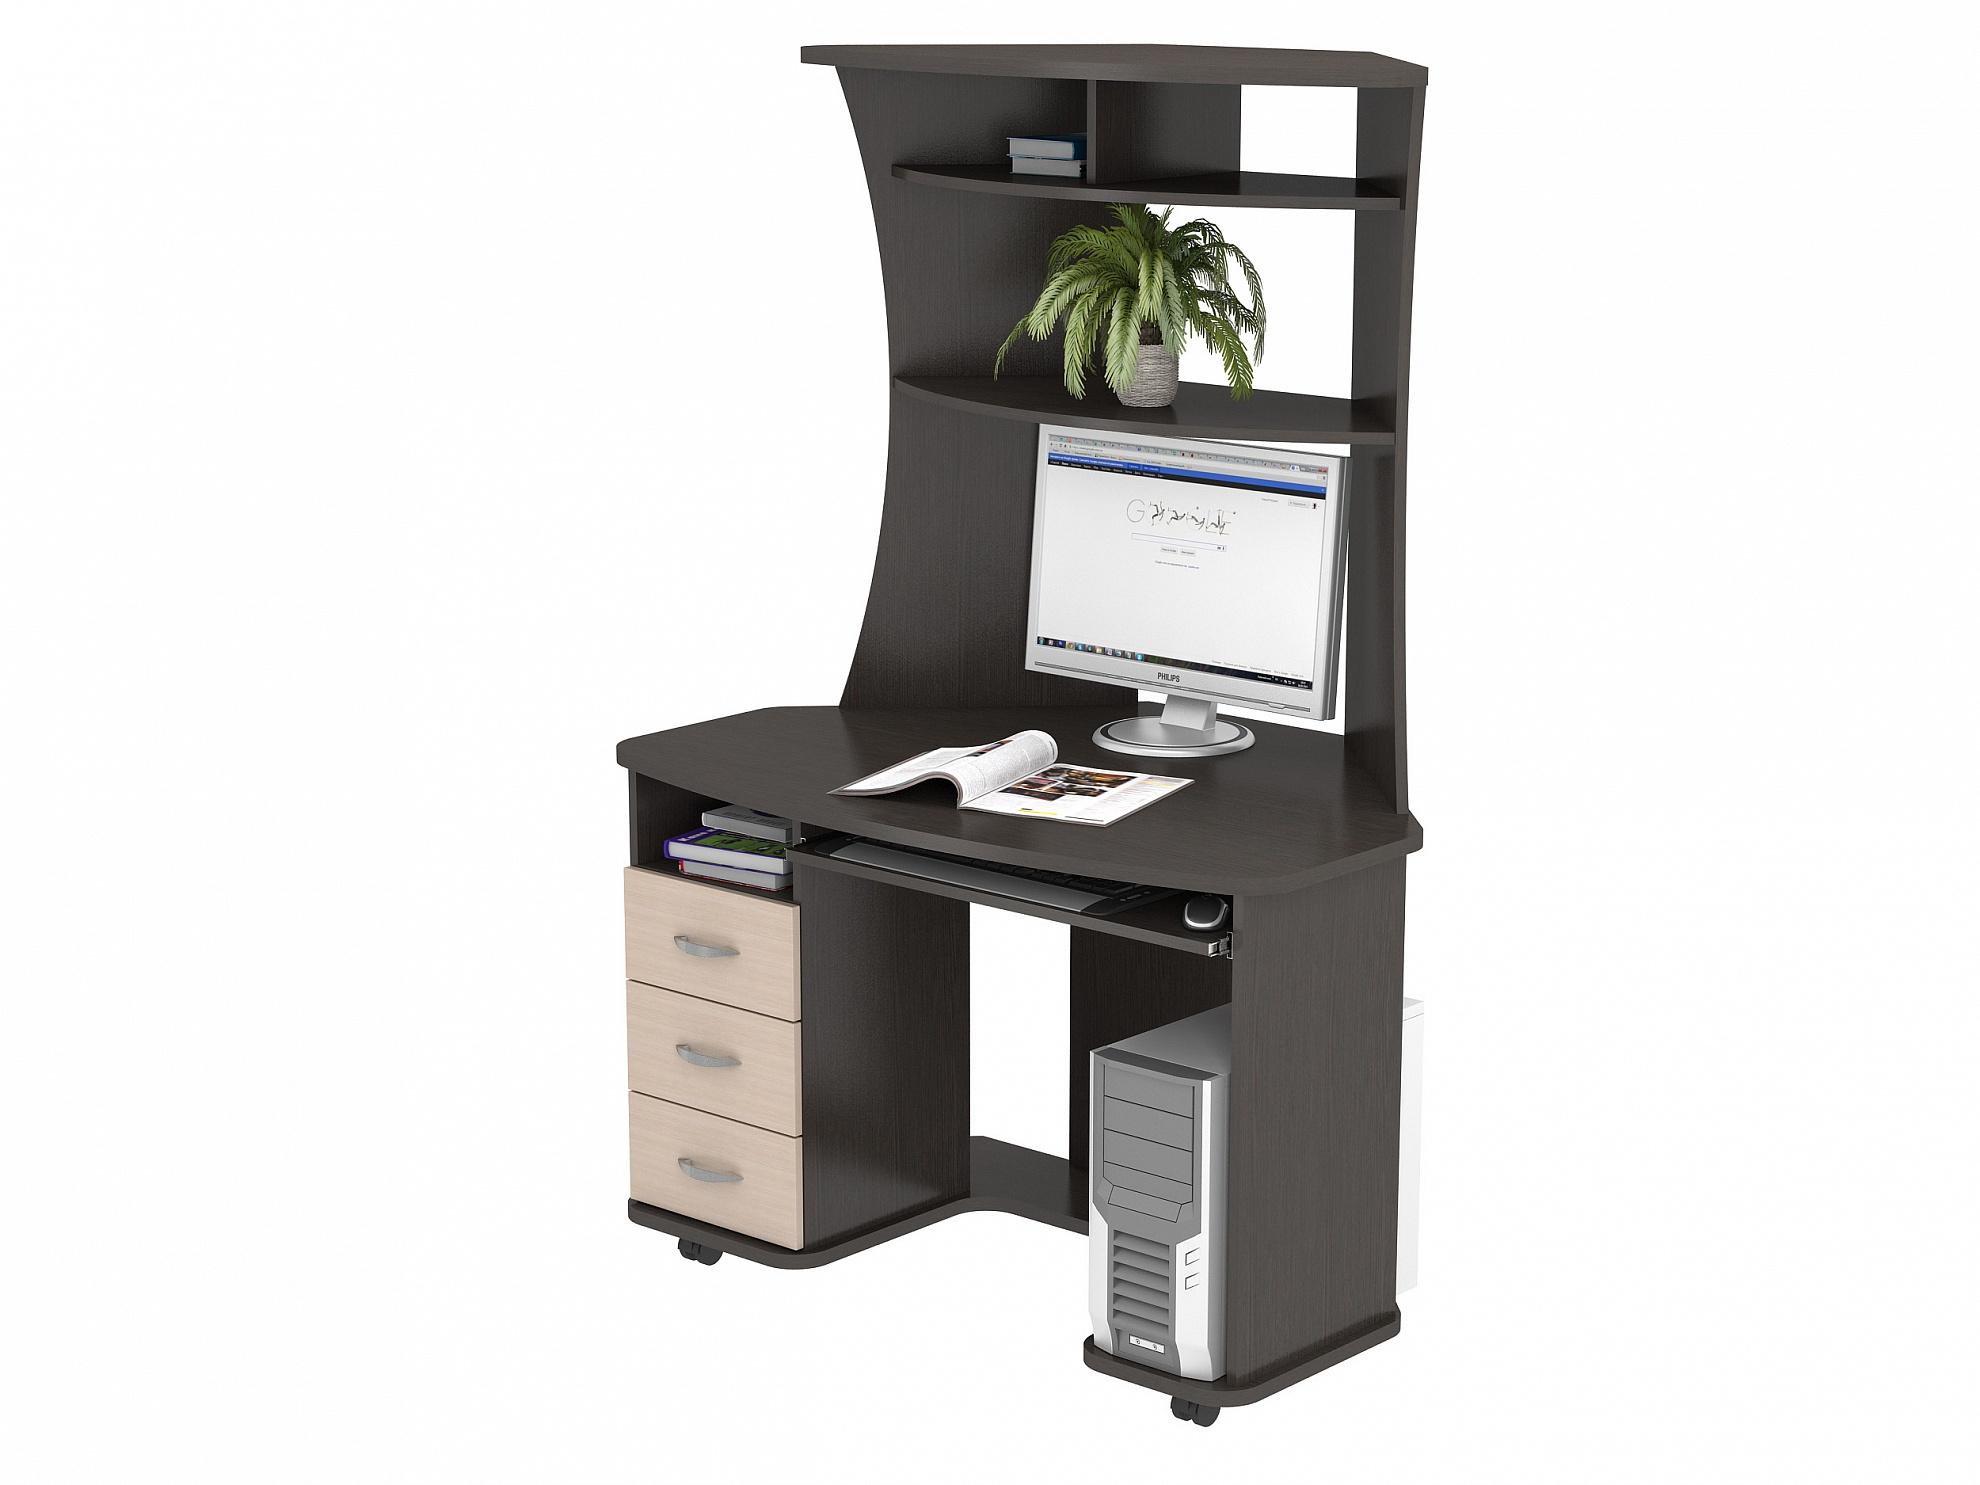 Компьютерный стол КС 20-26Компьютерные столы<br>размер: 1200х843 В1754<br><br>Материалы: ЛДСП, кромка ПВХ<br>Полный размер (ДхГхВ): 1200х843х1754<br>Габарит монитора: 55х45 (диагональ от 15 до 24)<br>Вес товара (кг): 77<br>Цвет: Венге/Дуб Молочный, Дуб Сонома, Орех Валенсия<br>Примечание: Доставляется в разобранном виде<br>Изготовление и доставка: 2-3 дня<br>Условия доставки: Бесплатная по Москве до подъезда<br>Условие оплаты: Оплата наличными при получении товара<br>Доставка по МО (за пределами МКАД): 30 руб./км<br>Подъем на лифте: 300 руб.<br>Гарантия: 12 месяцев<br>Производство: Россия, г. Москва<br>Производитель: ВасКо (Дик)